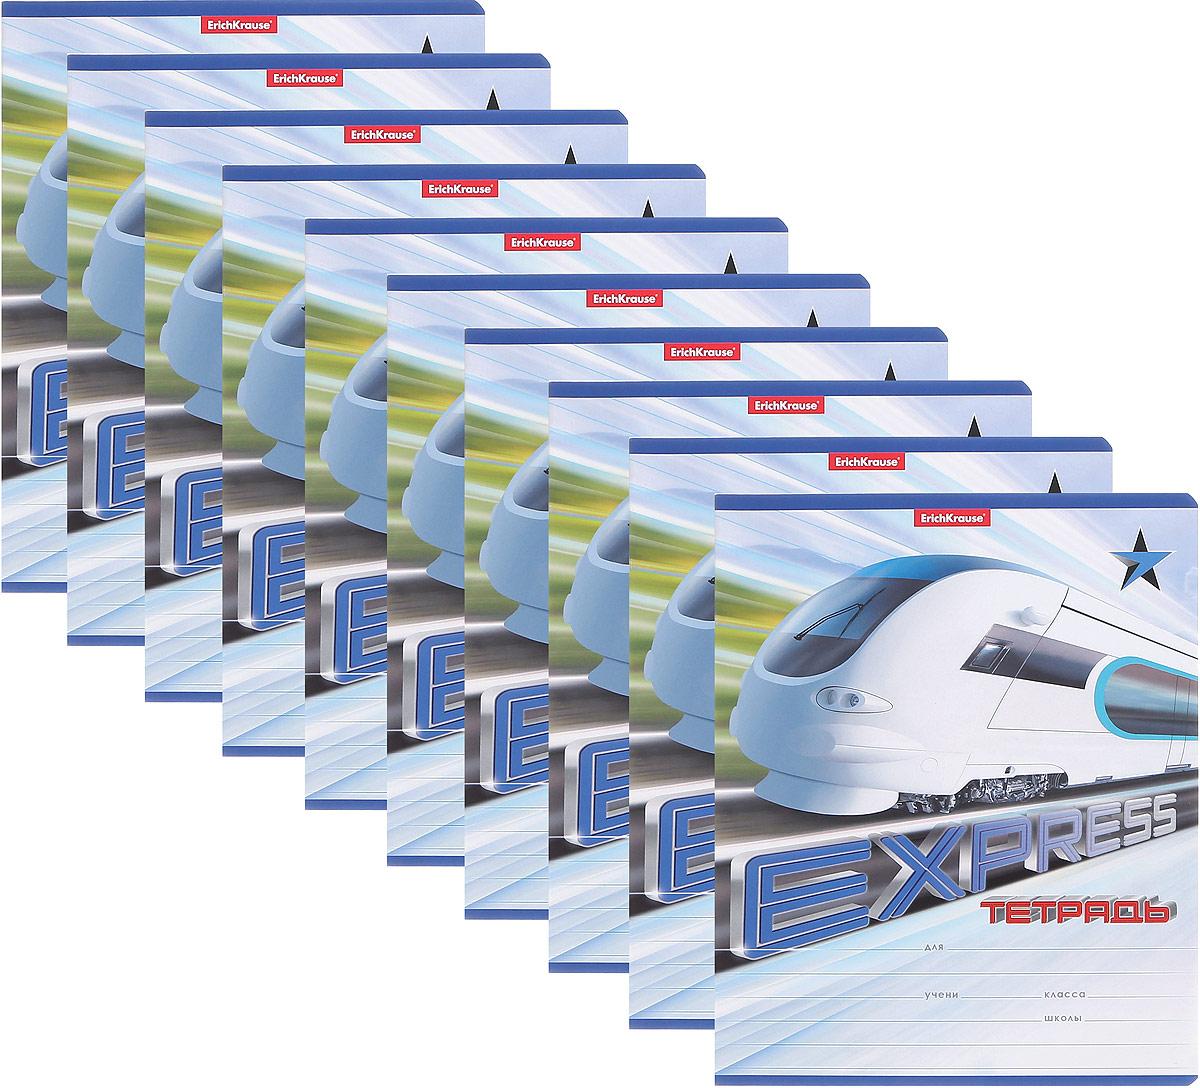 Erich Krause Набор тетрадей Express Train 18 листов в линейку 10 шт цвет голубой40110Тетрадь Erich Krause Express Train предназначена для школьников. Обложка тетради выполнена из тонкого гибкого картона с закругленными углами и оформлена динамичным изображением поезда. На задней стороне обложки представлено написание прописных букв русского и английского алфавитов. Внутренний блок тетрадей состоит из 18 листов белой бумаги, соединенных двумя металлическими скрепками. Стандартная разметка в линейку дополнена полями. В наборе 10 тетрадей.